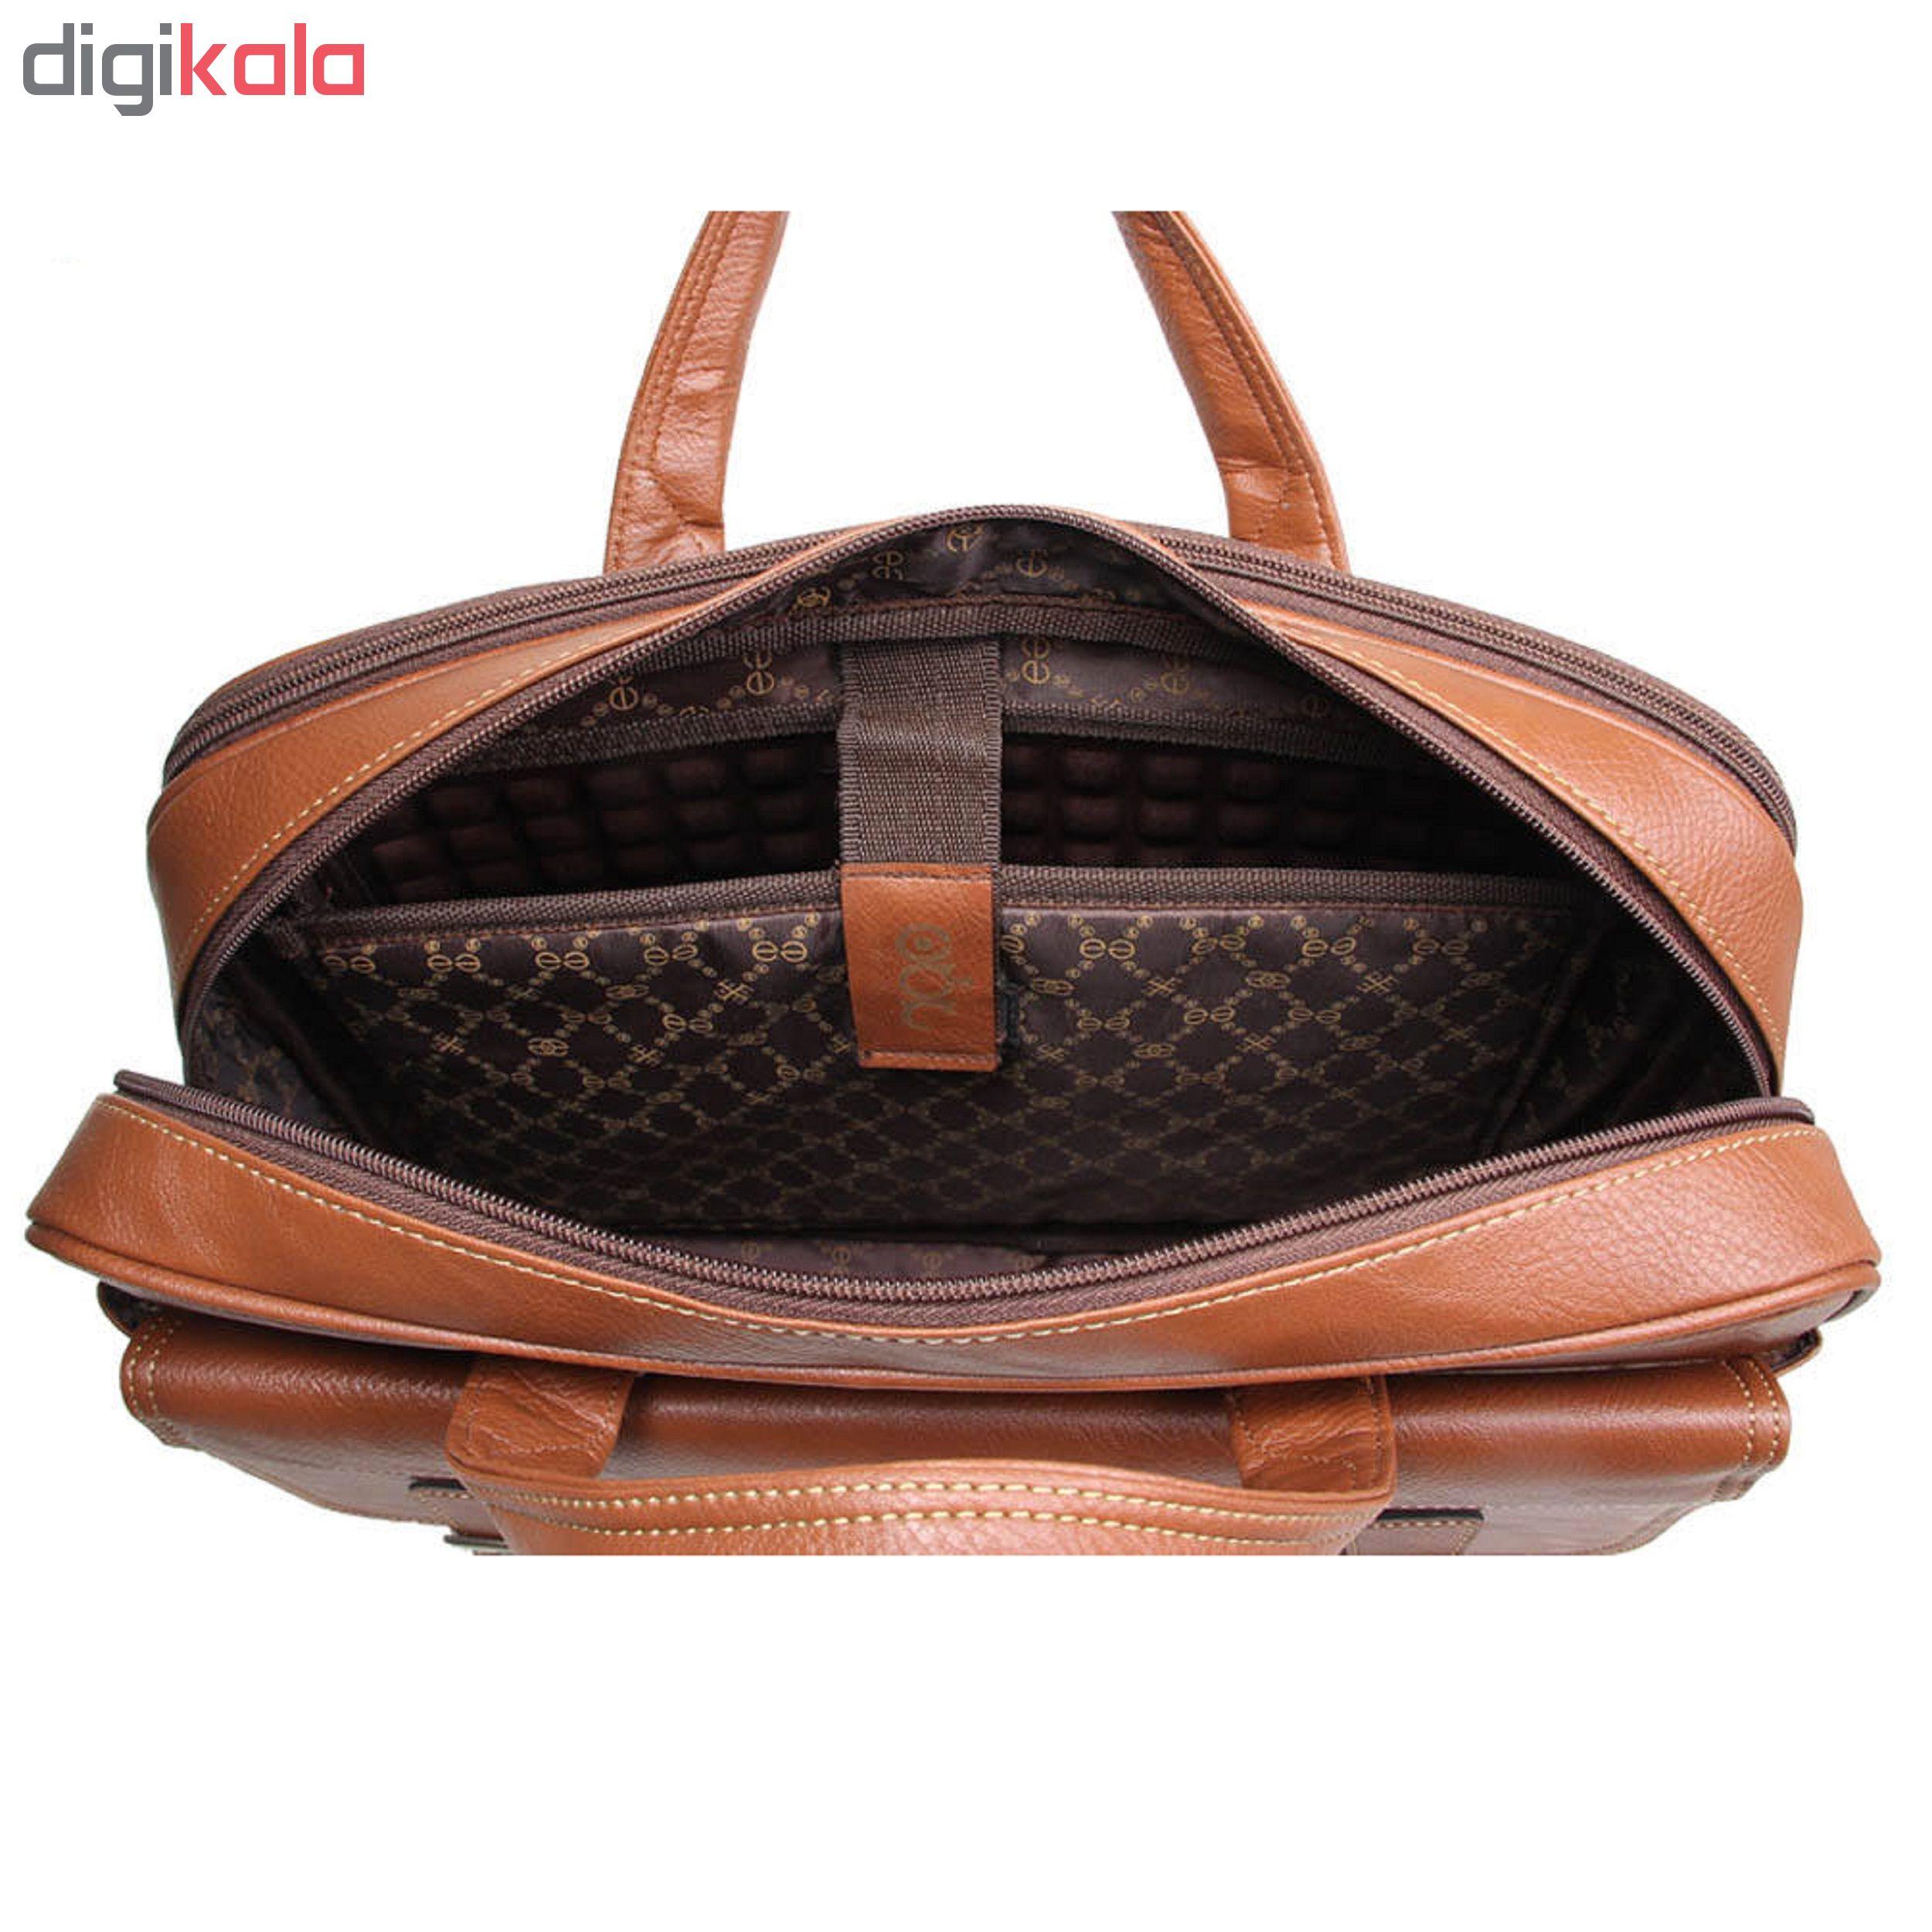 کیف لپ تاپ کد DGZ133 مناسب برای لپ تاپ 15 اینچی